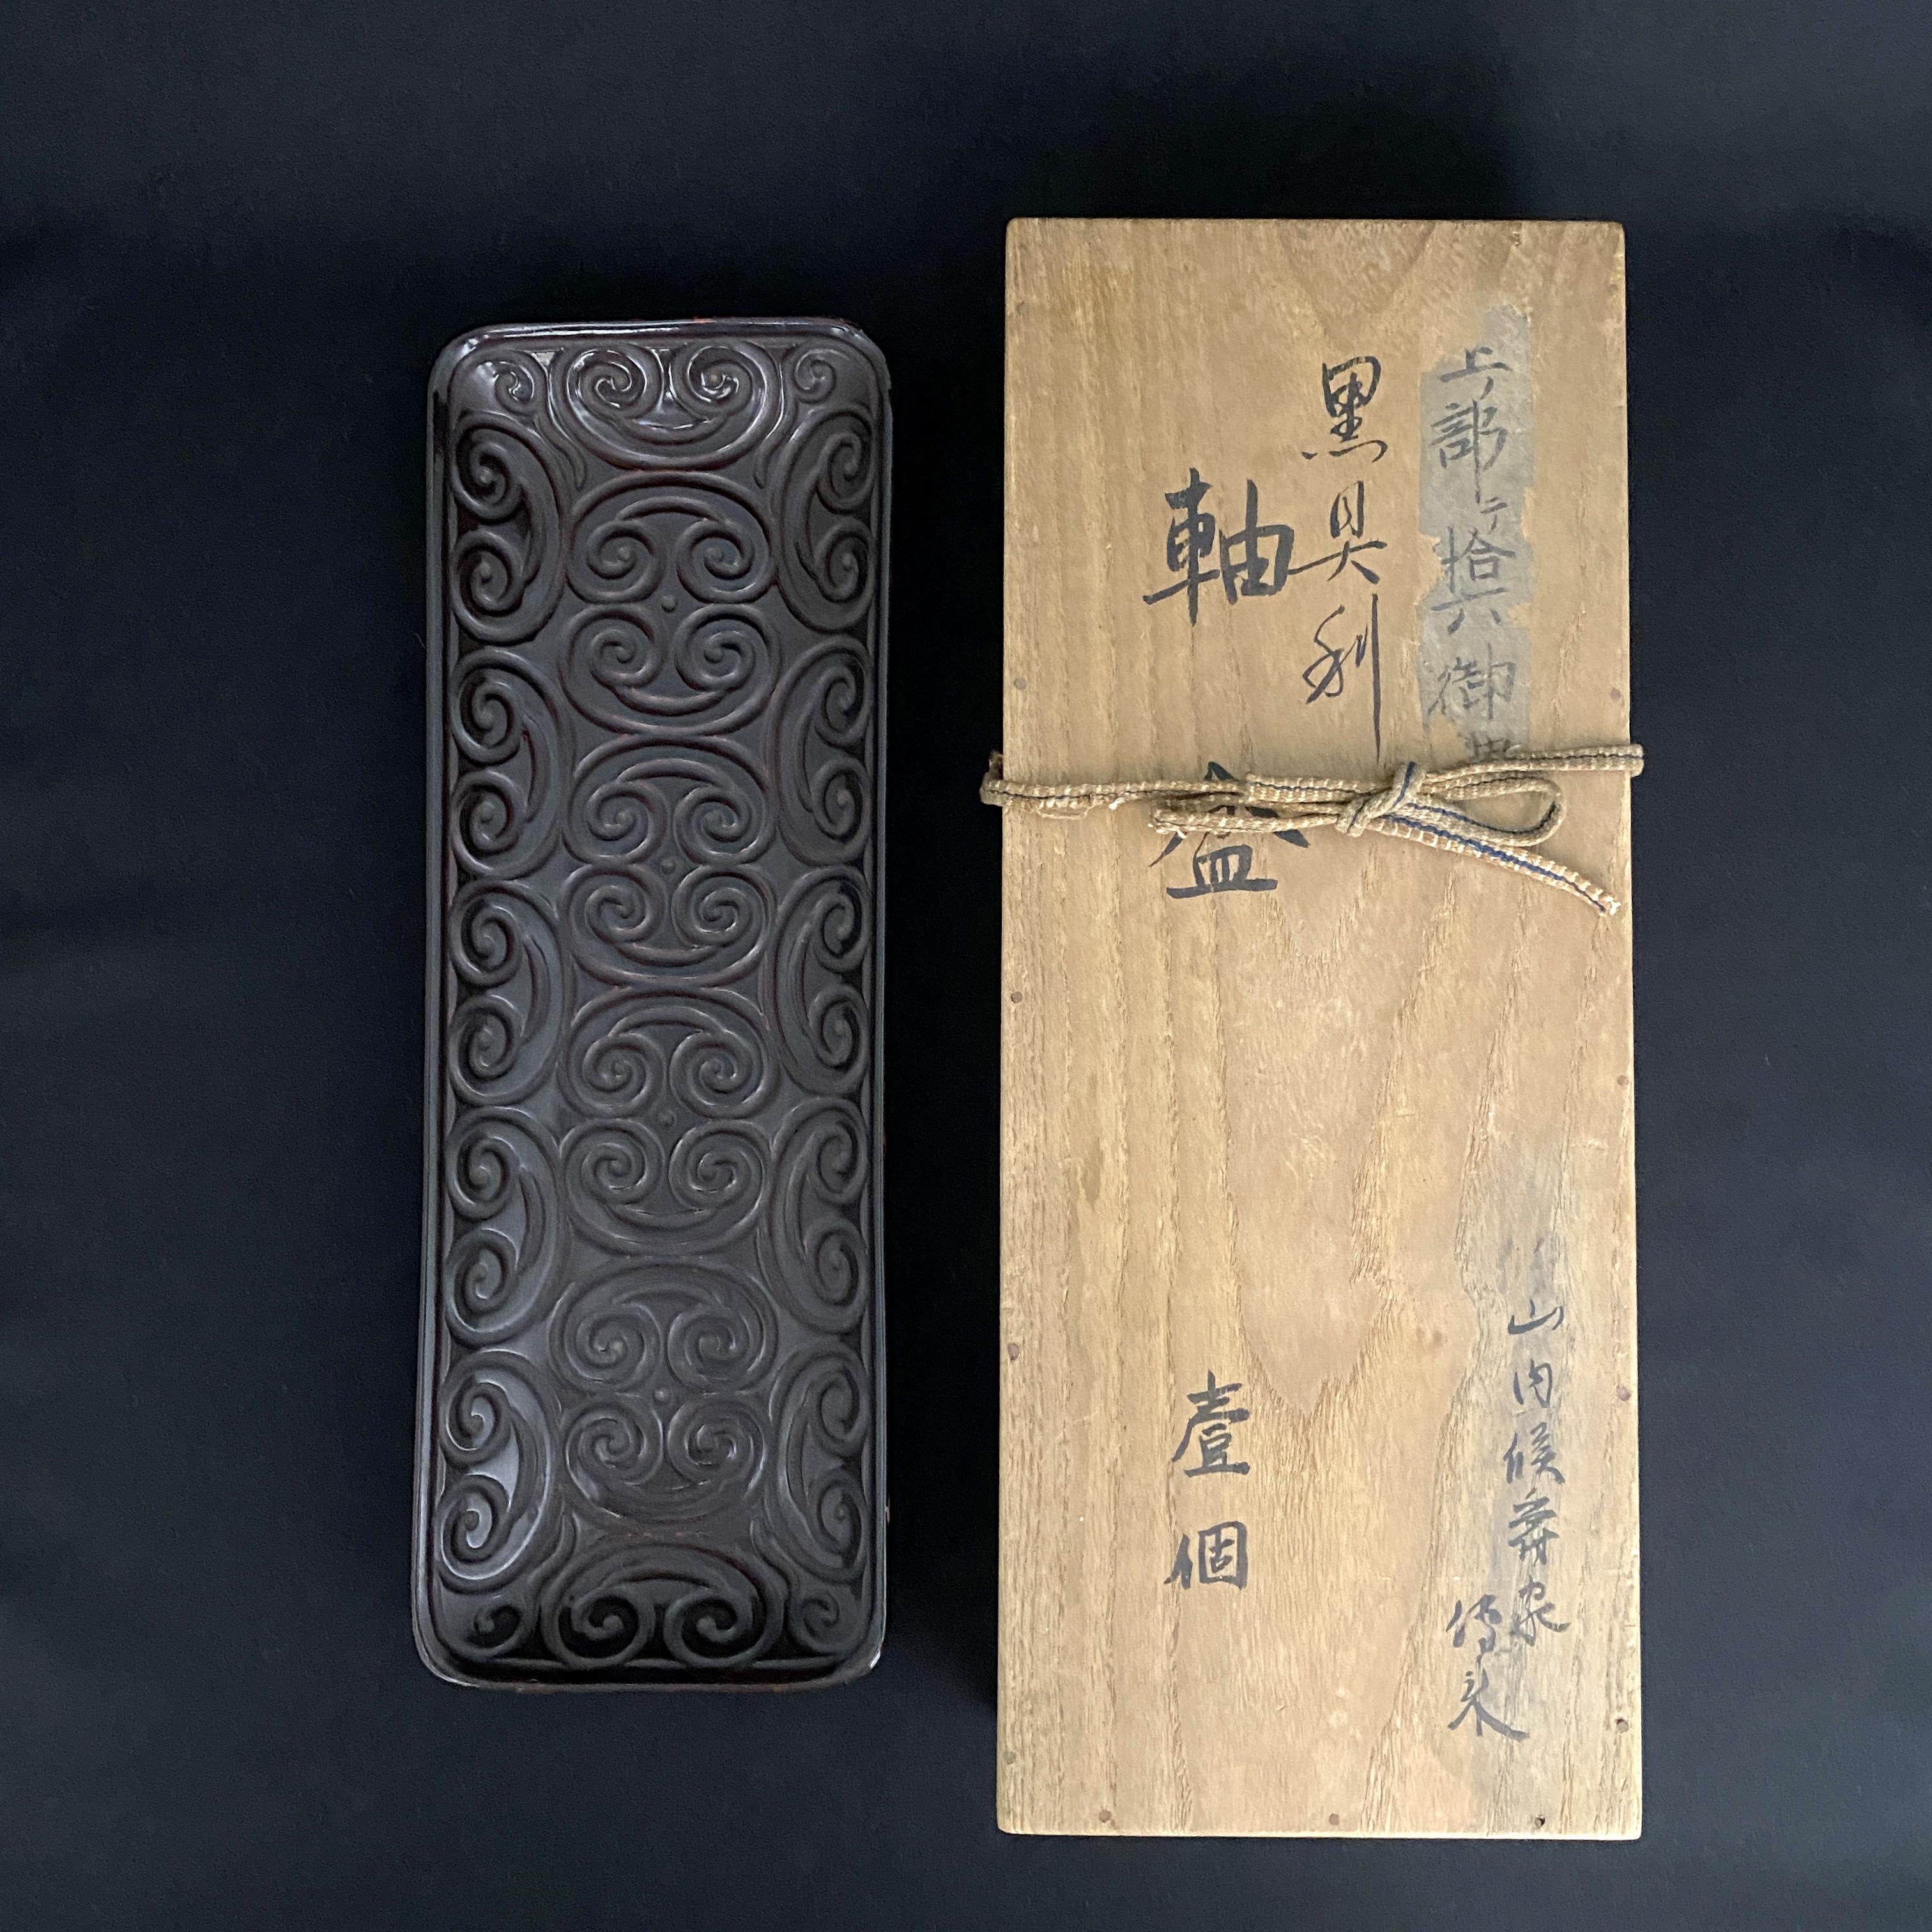 10041元~明初 剔犀雕 如意雲紋 長方盆